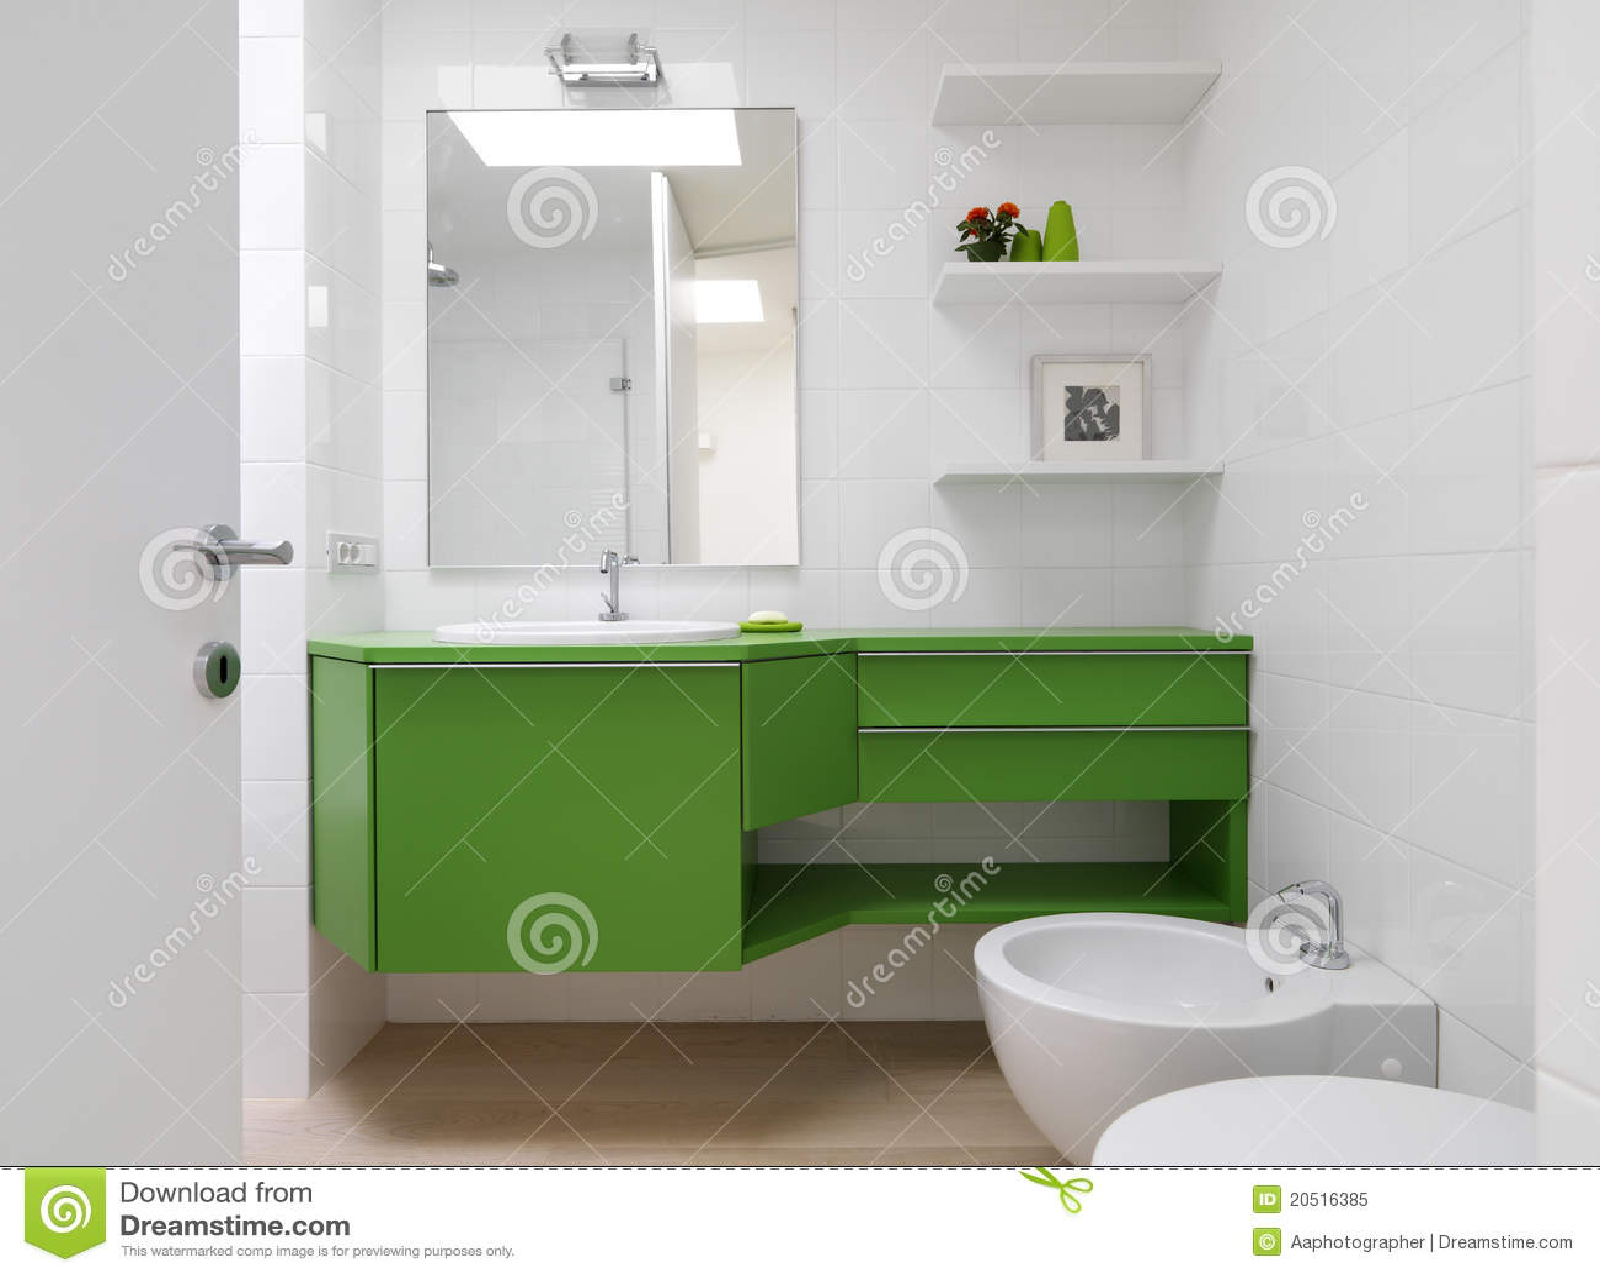 Modernes Badezimmer Mit Bunten Möbeln